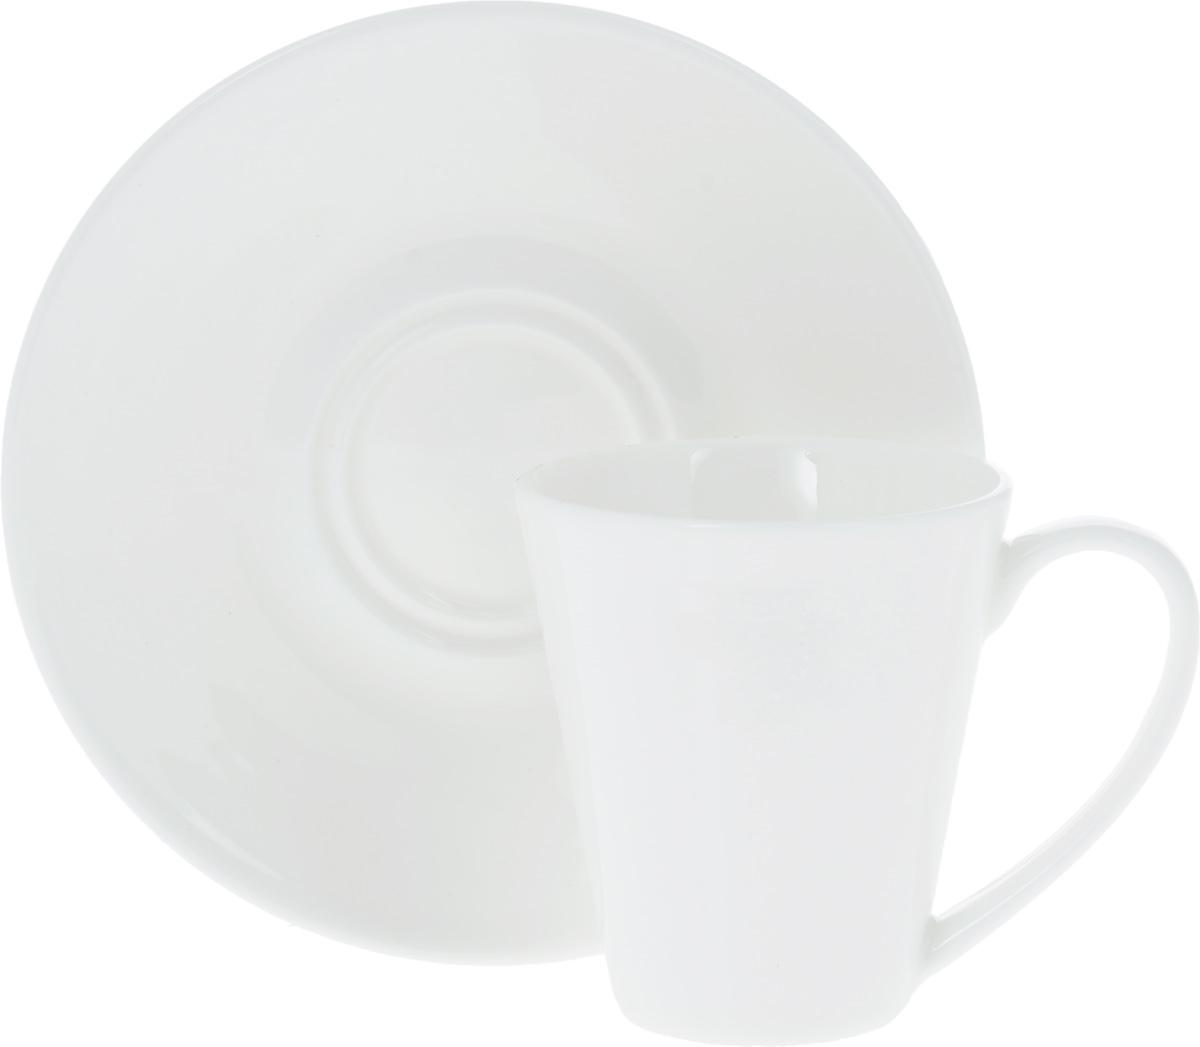 Кофейная пара Wilmax, 2 предмета. WL-993054 / ABWL-993054 / ABКофейная пара Wilmax состоит из чашки и блюдца. Изделия выполнены из высококачественного фарфора, покрытого слоем глазури. Изделия имеют лаконичный дизайн, просты и функциональны в использовании. Кофейная пара Wilmax украсит ваш кухонный стол, а также станет замечательным подарком к любому празднику.Изделия можно мыть в посудомоечной машине и ставить в микроволновую печь.Объем чашки: 110 мл.Диаметр чашки (по верхнему краю): 6 см.Высота чашки: 7 см.Диаметр блюдца: 13 см.